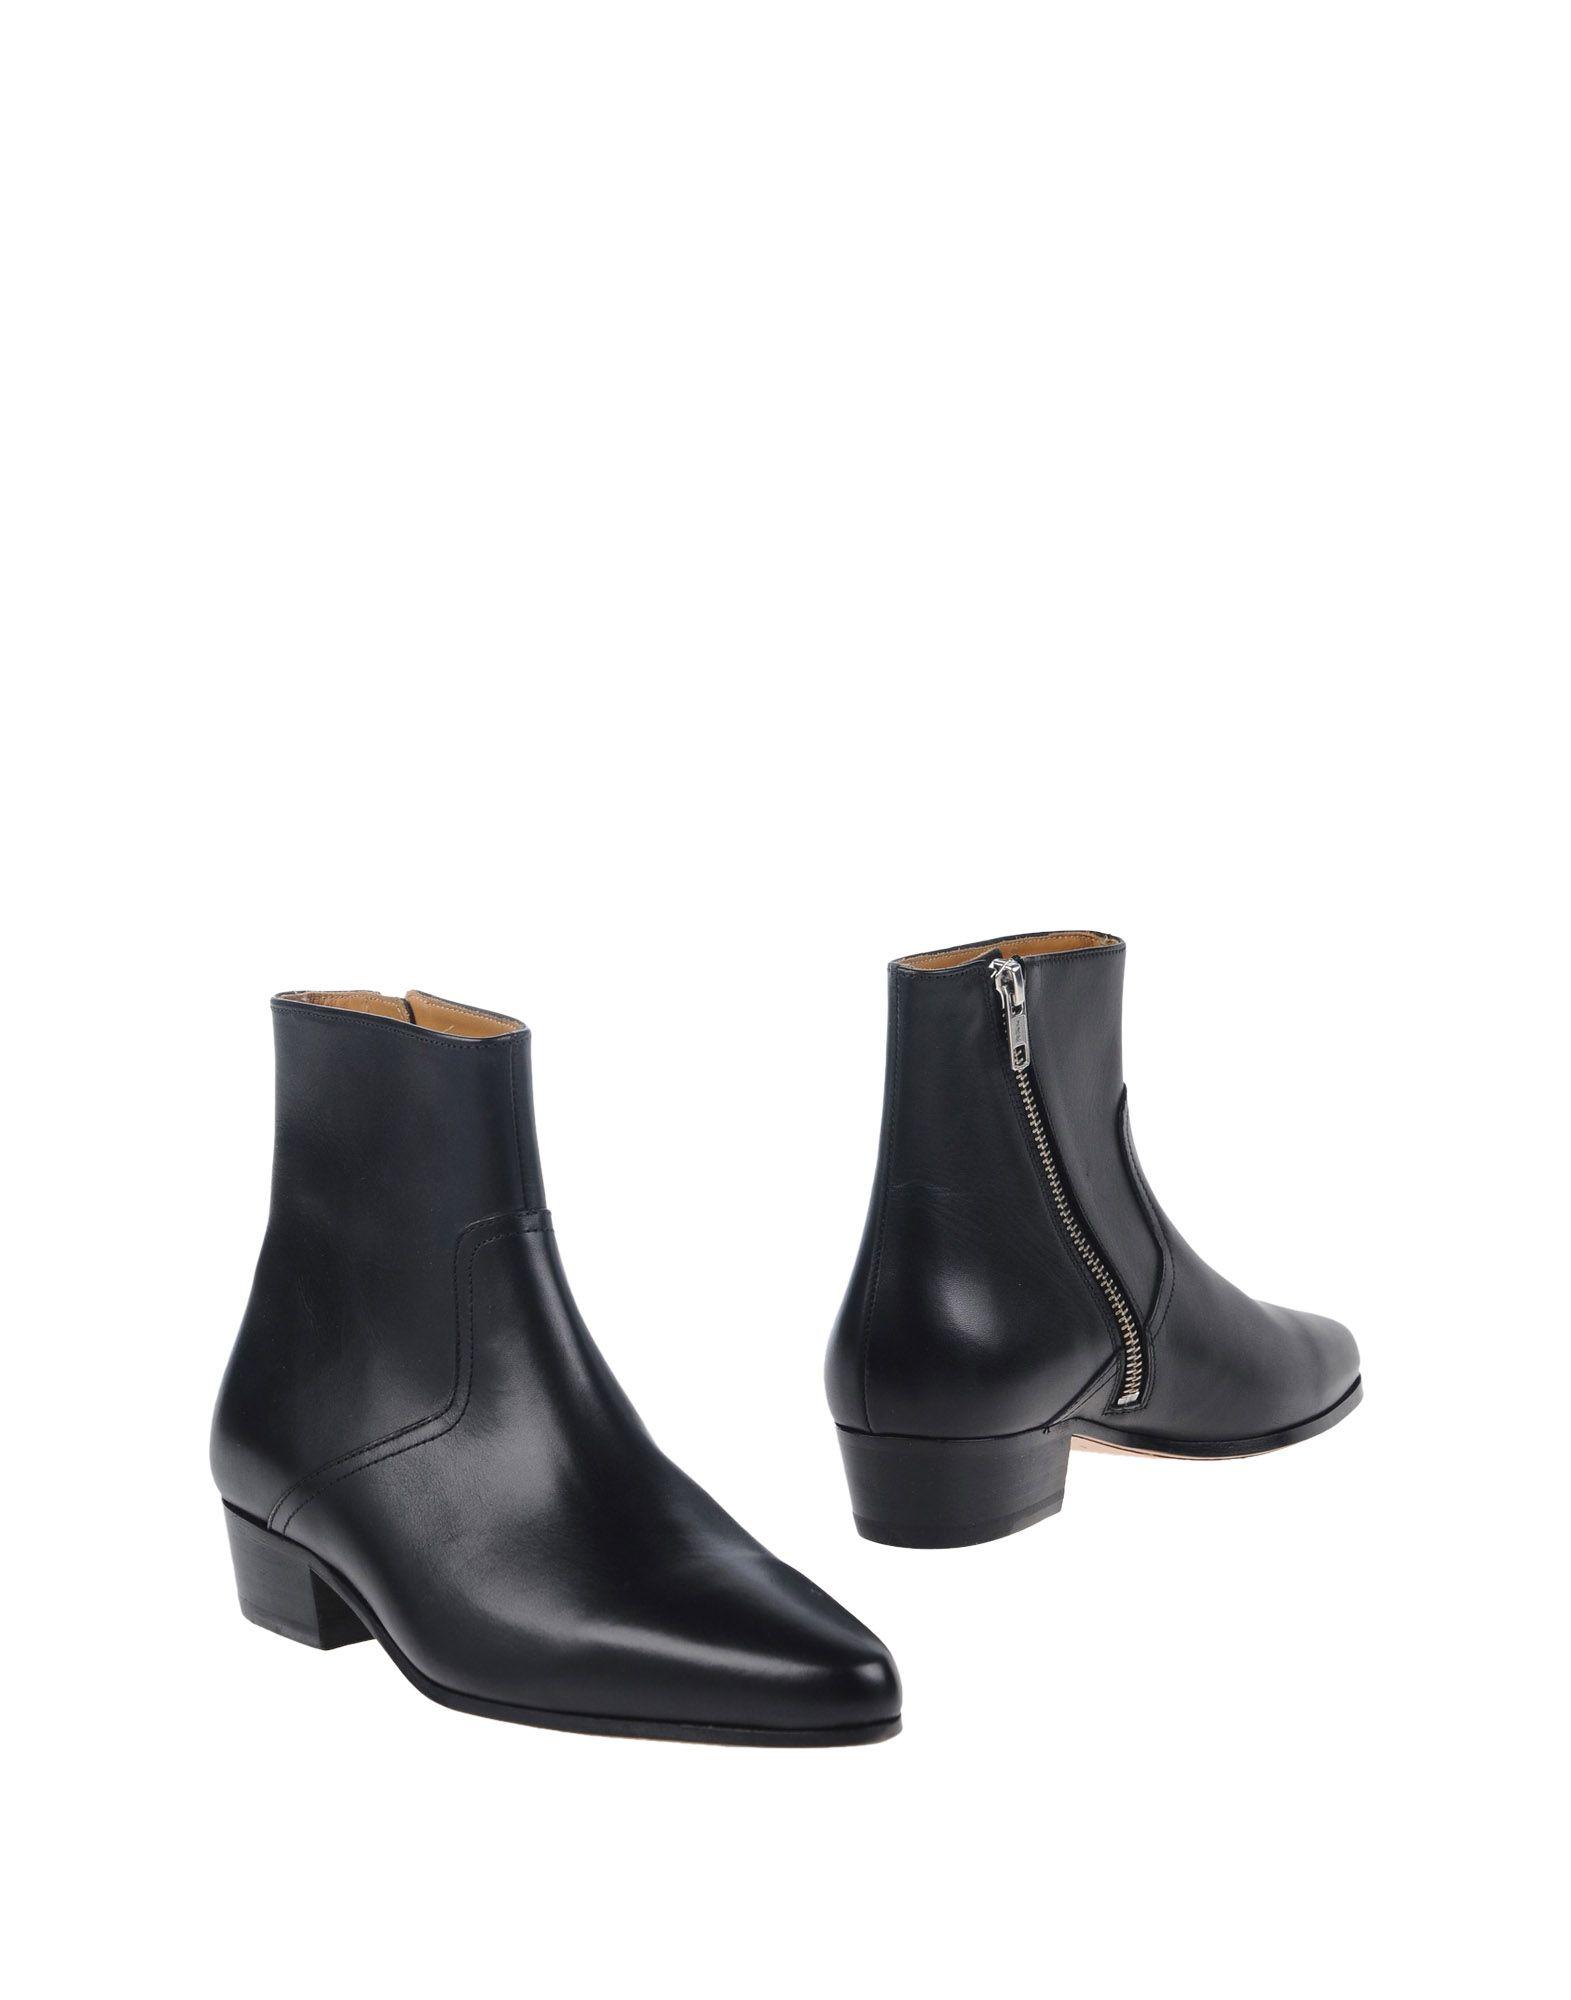 Rabatt Schuhe Iro Stiefelette  Damen  Stiefelette 11235517OU 1ddb21